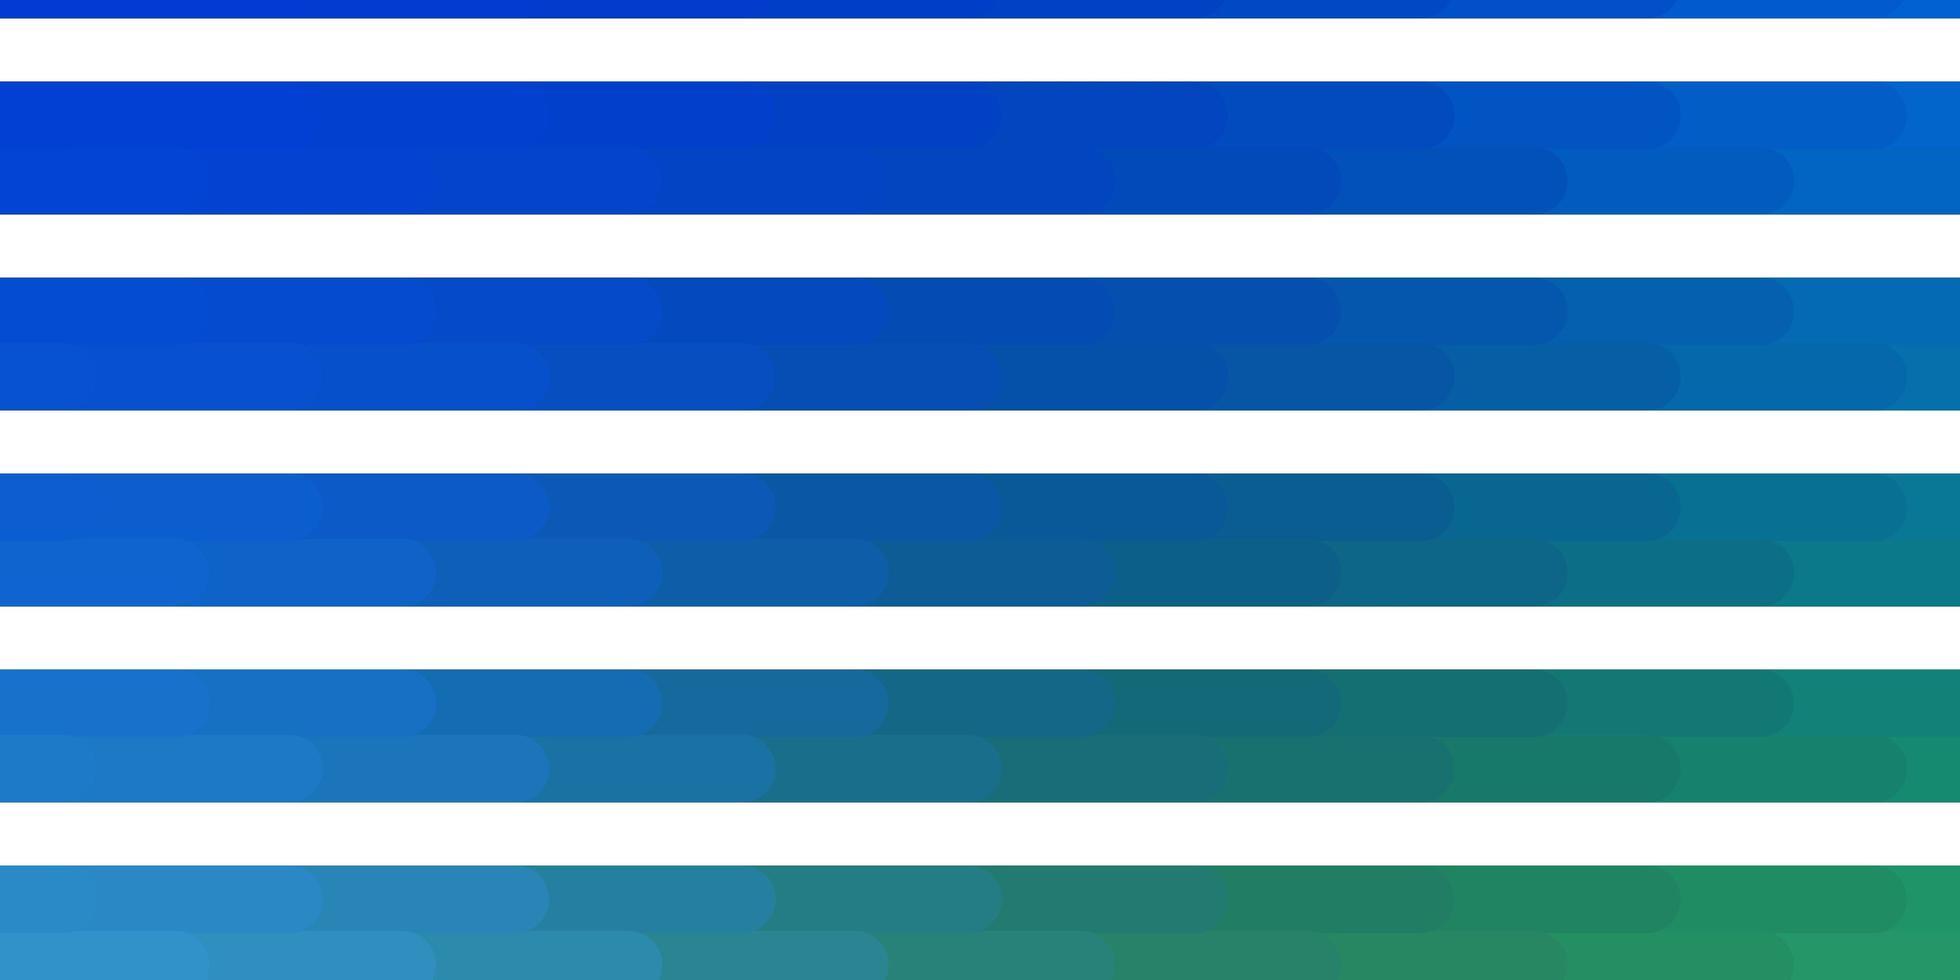 struttura di vettore blu chiaro, verde con linee.